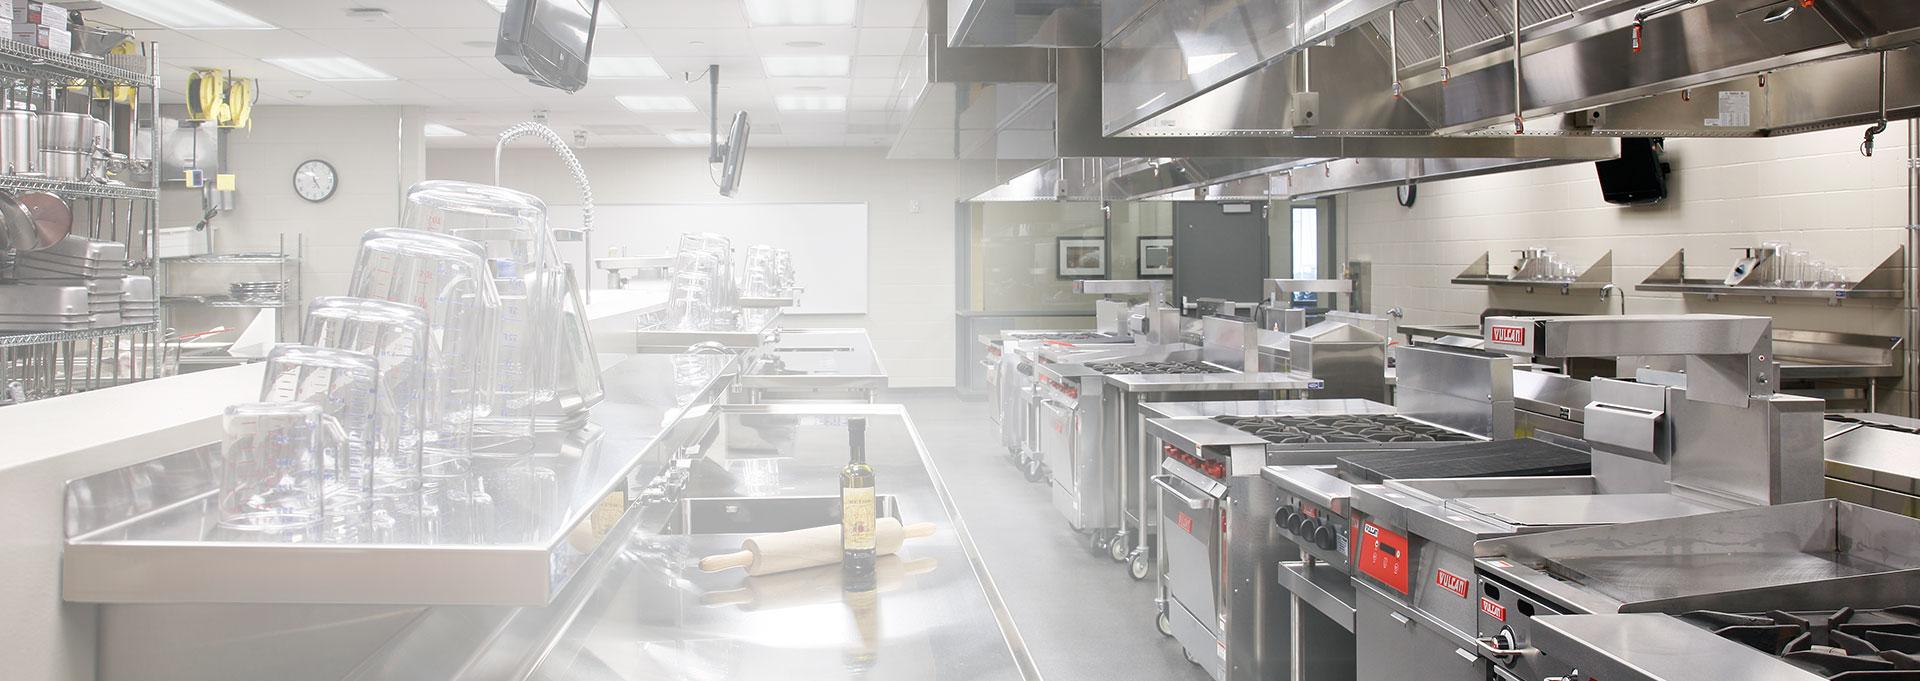 Ремонт обслуживание оборудования ресторанов